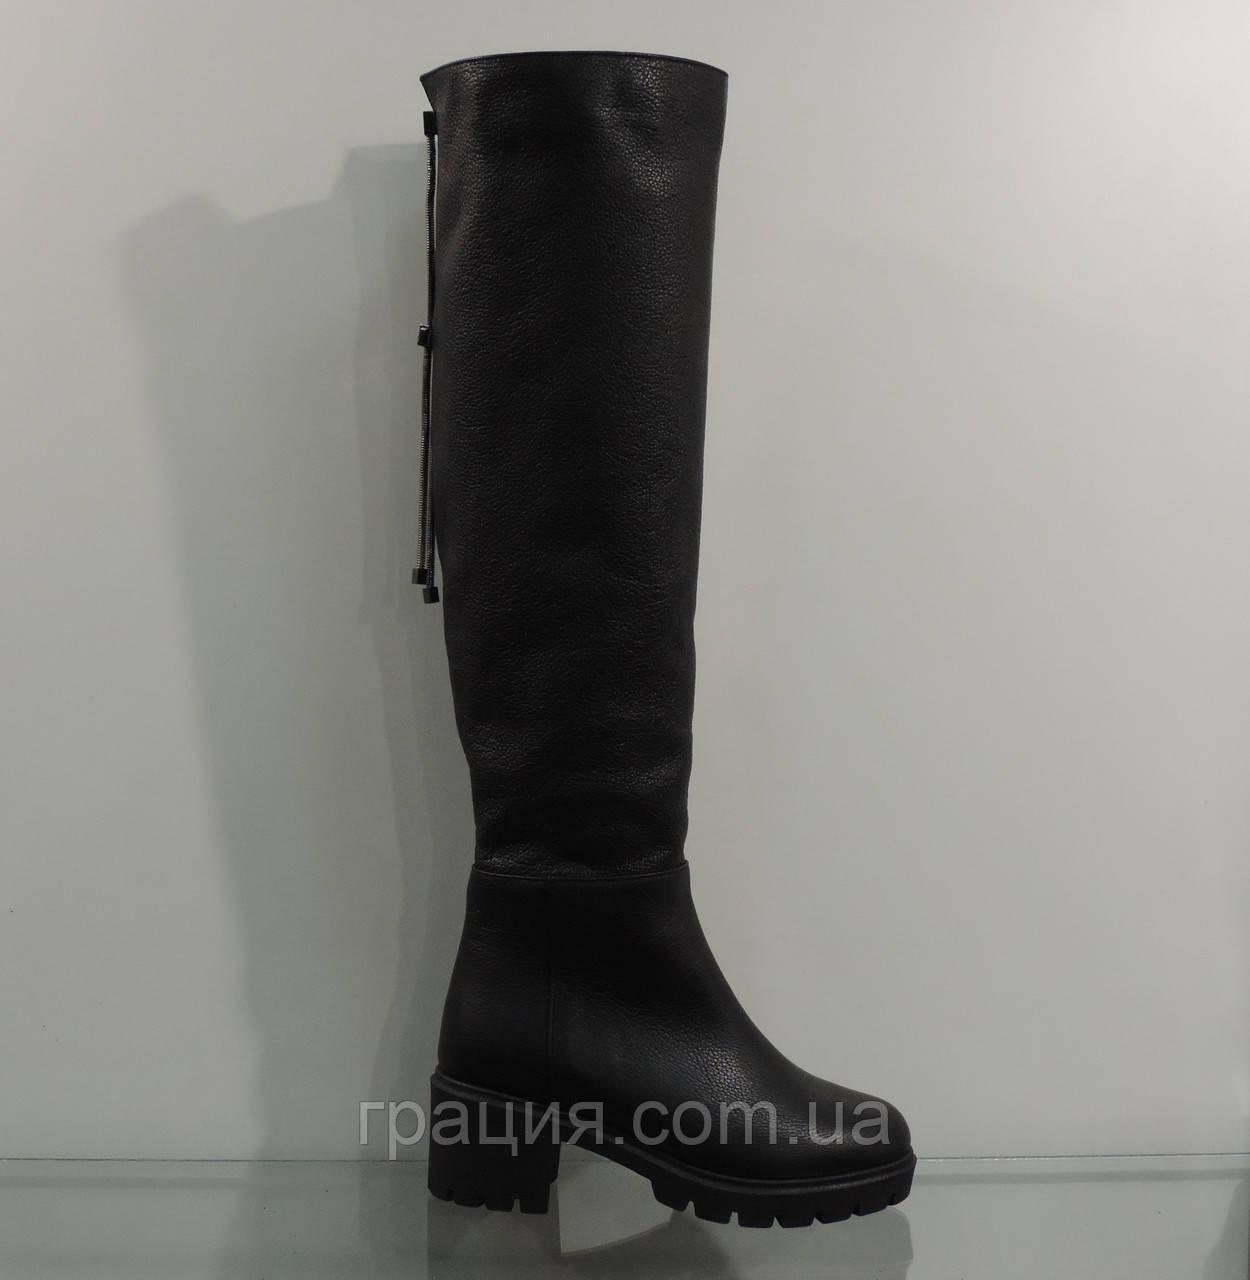 9c37a509de4f Высокие зимние женские кожаные сапоги на тракторной подошве - Грація в  Конотопе